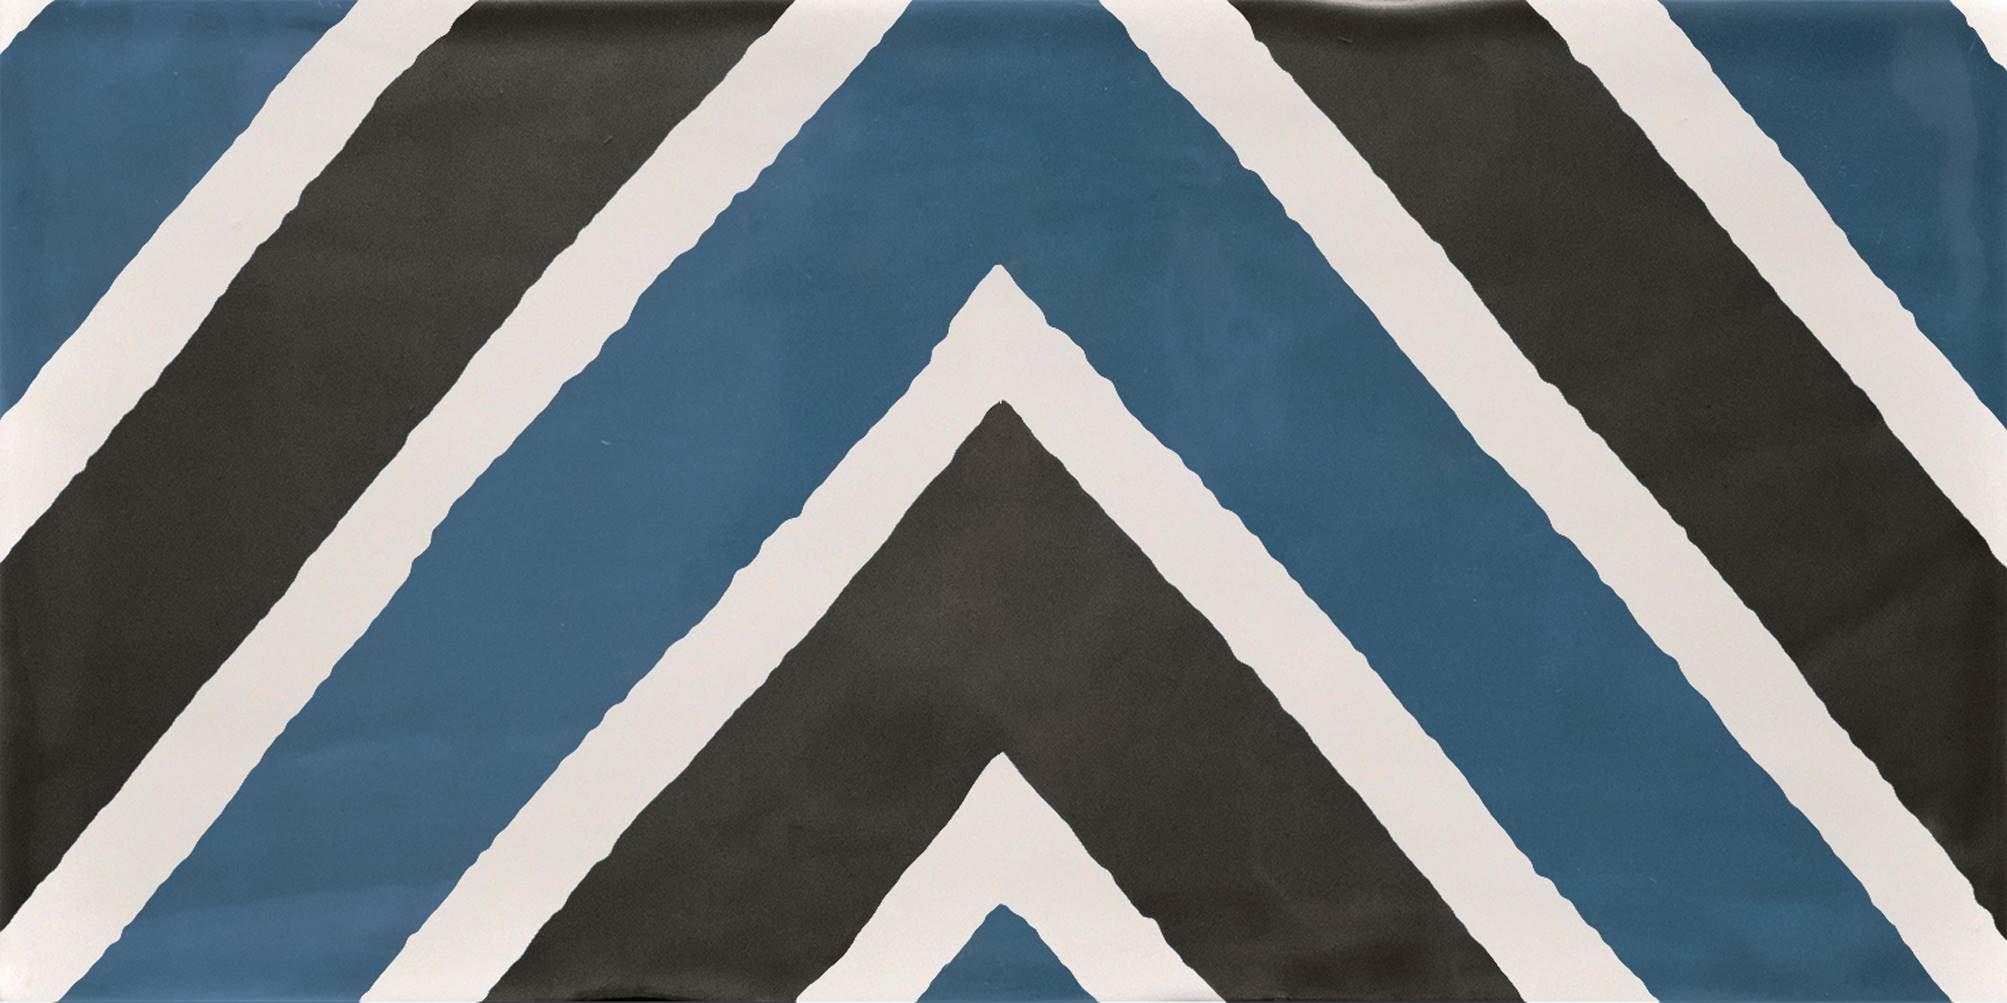 Купить Керамическая плитка Cifre Atmosphere Decor Ask Marine декор 12, 5x25, Cifre Ceramica, Испания